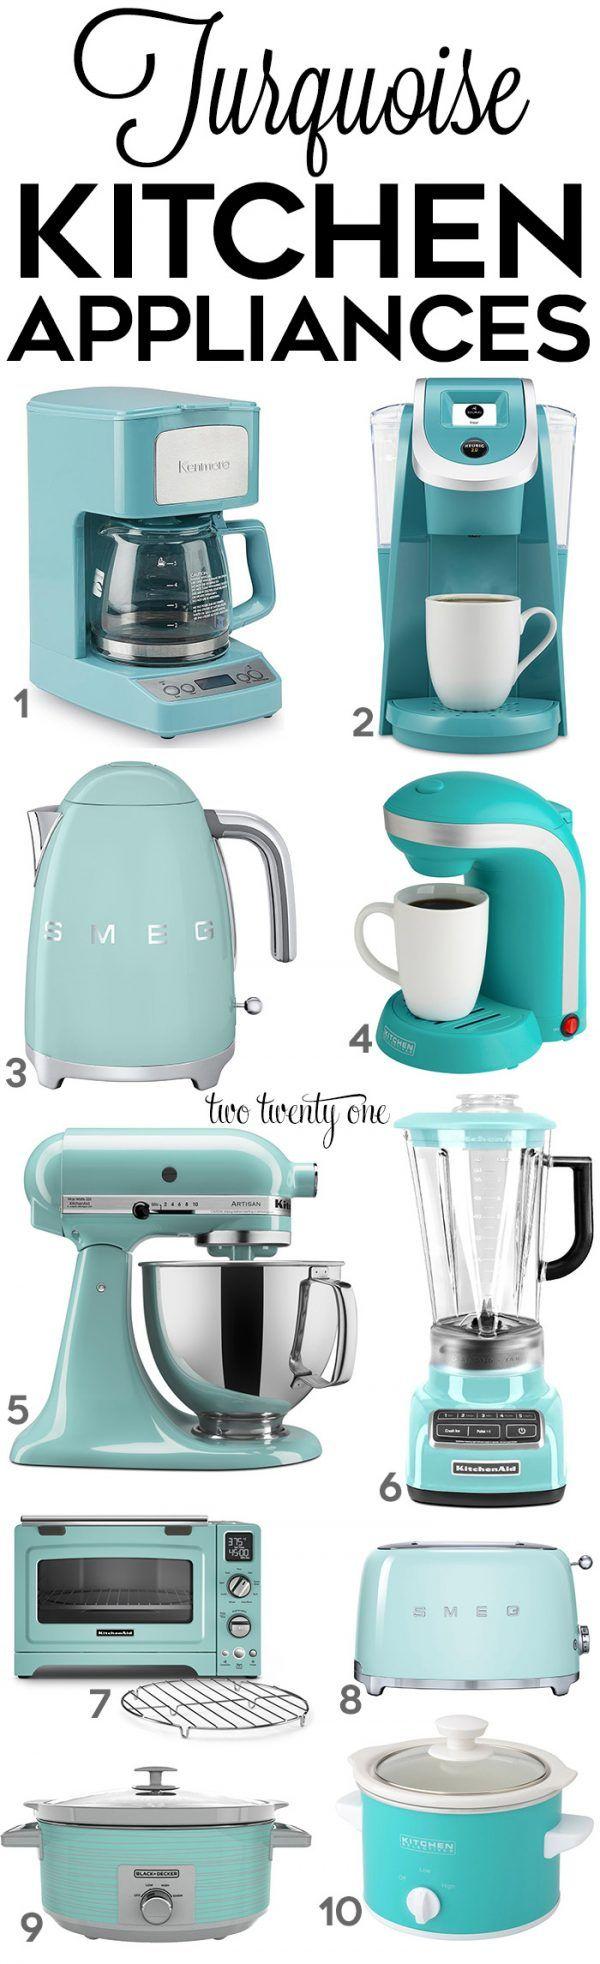 Turquoise kitchen appliances!